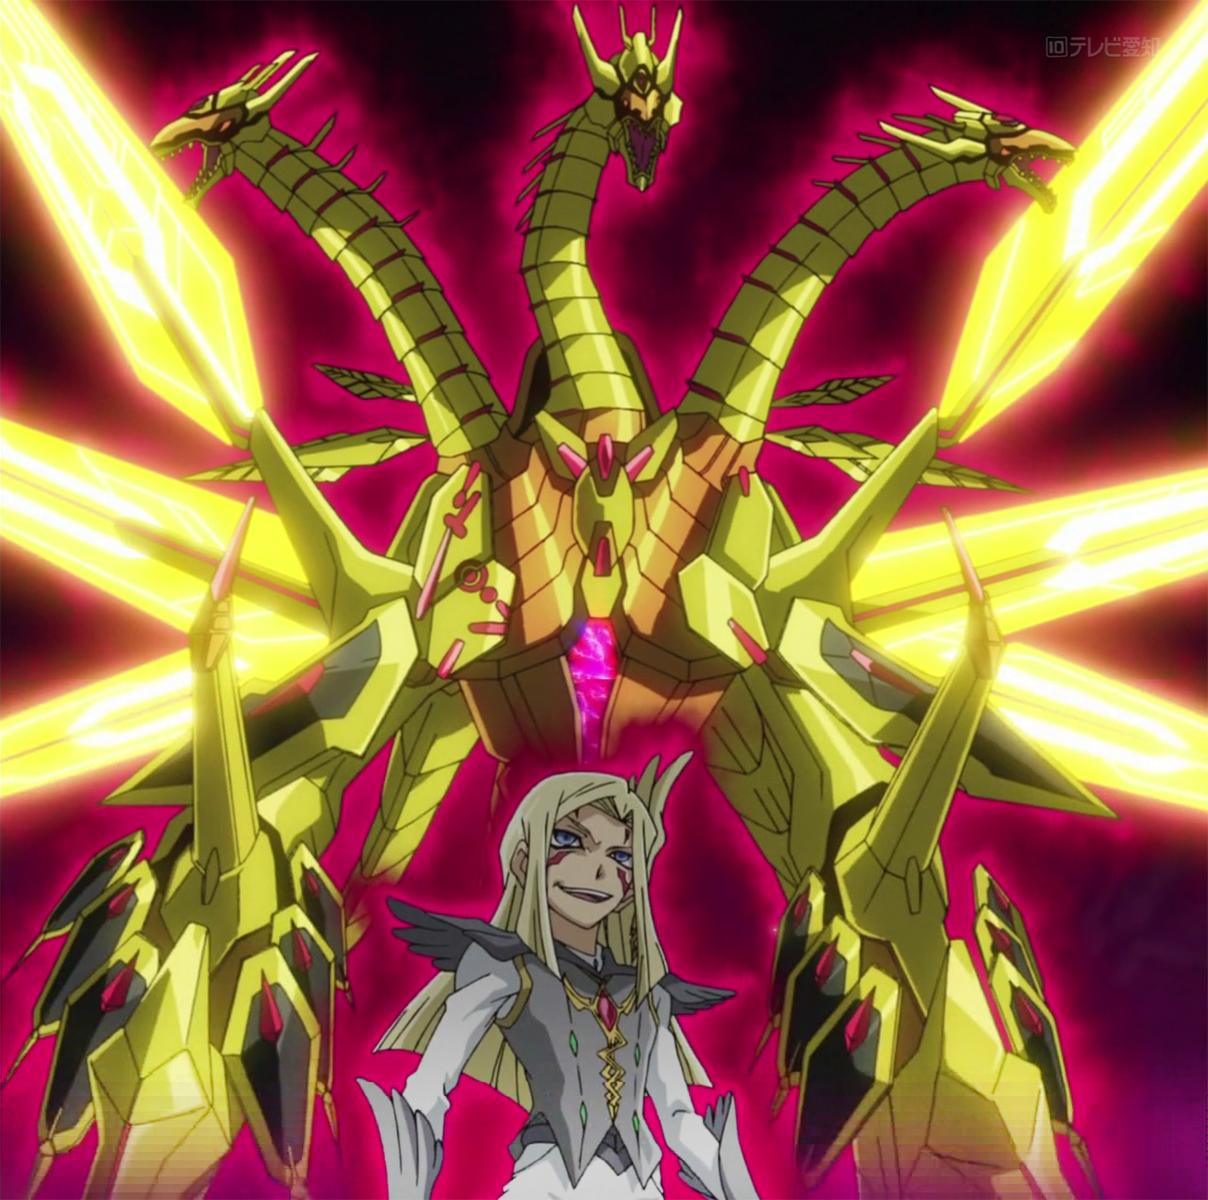 动画《游戏王zexal》中异晶人七皇之一的麦扎艾尔使用的号数超百「cno